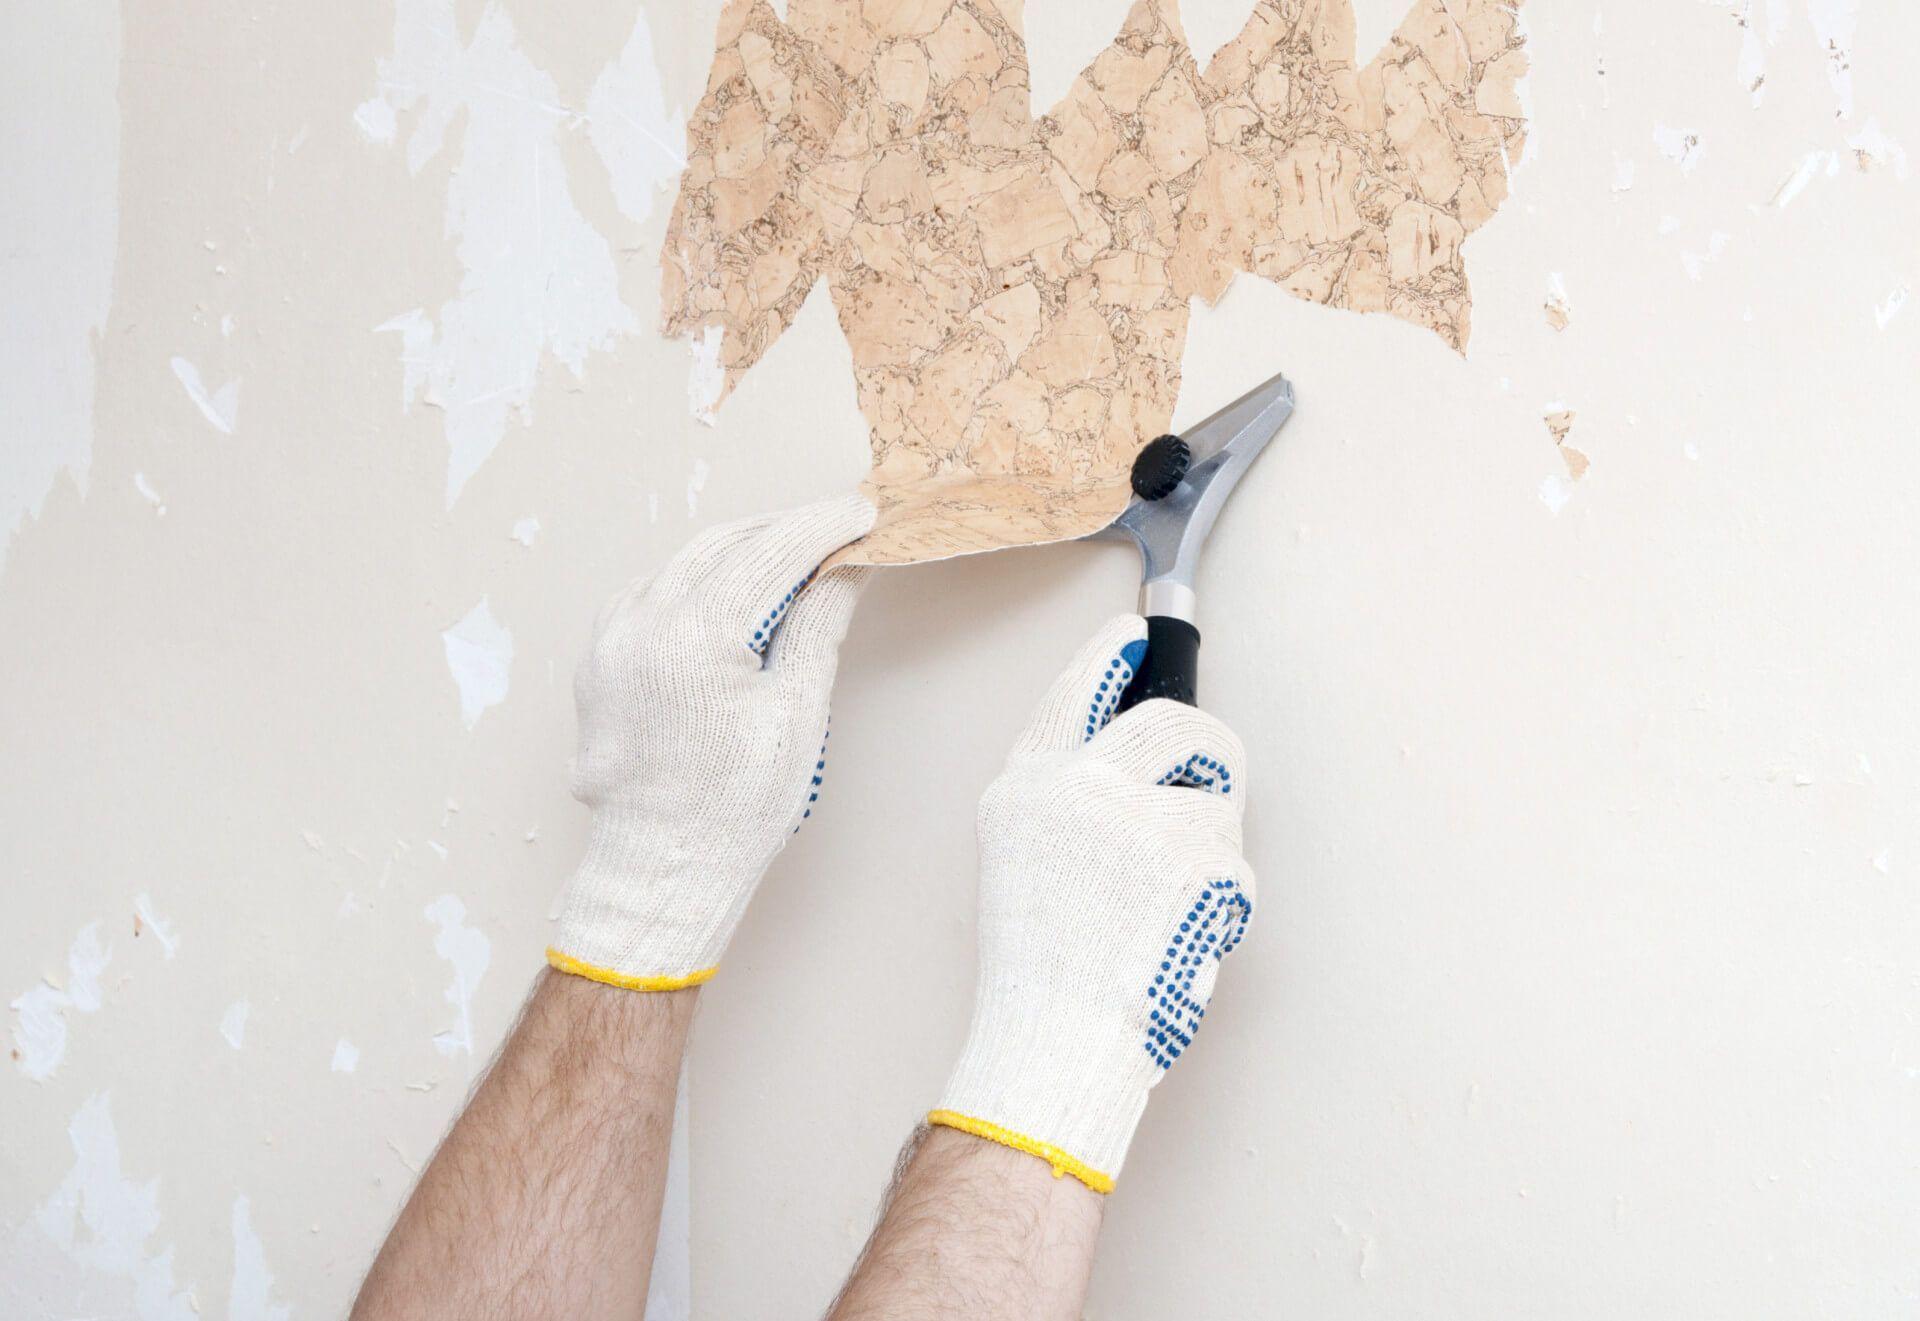 Самые лучшие способы снятия старых обоев со стен — варианты удаления